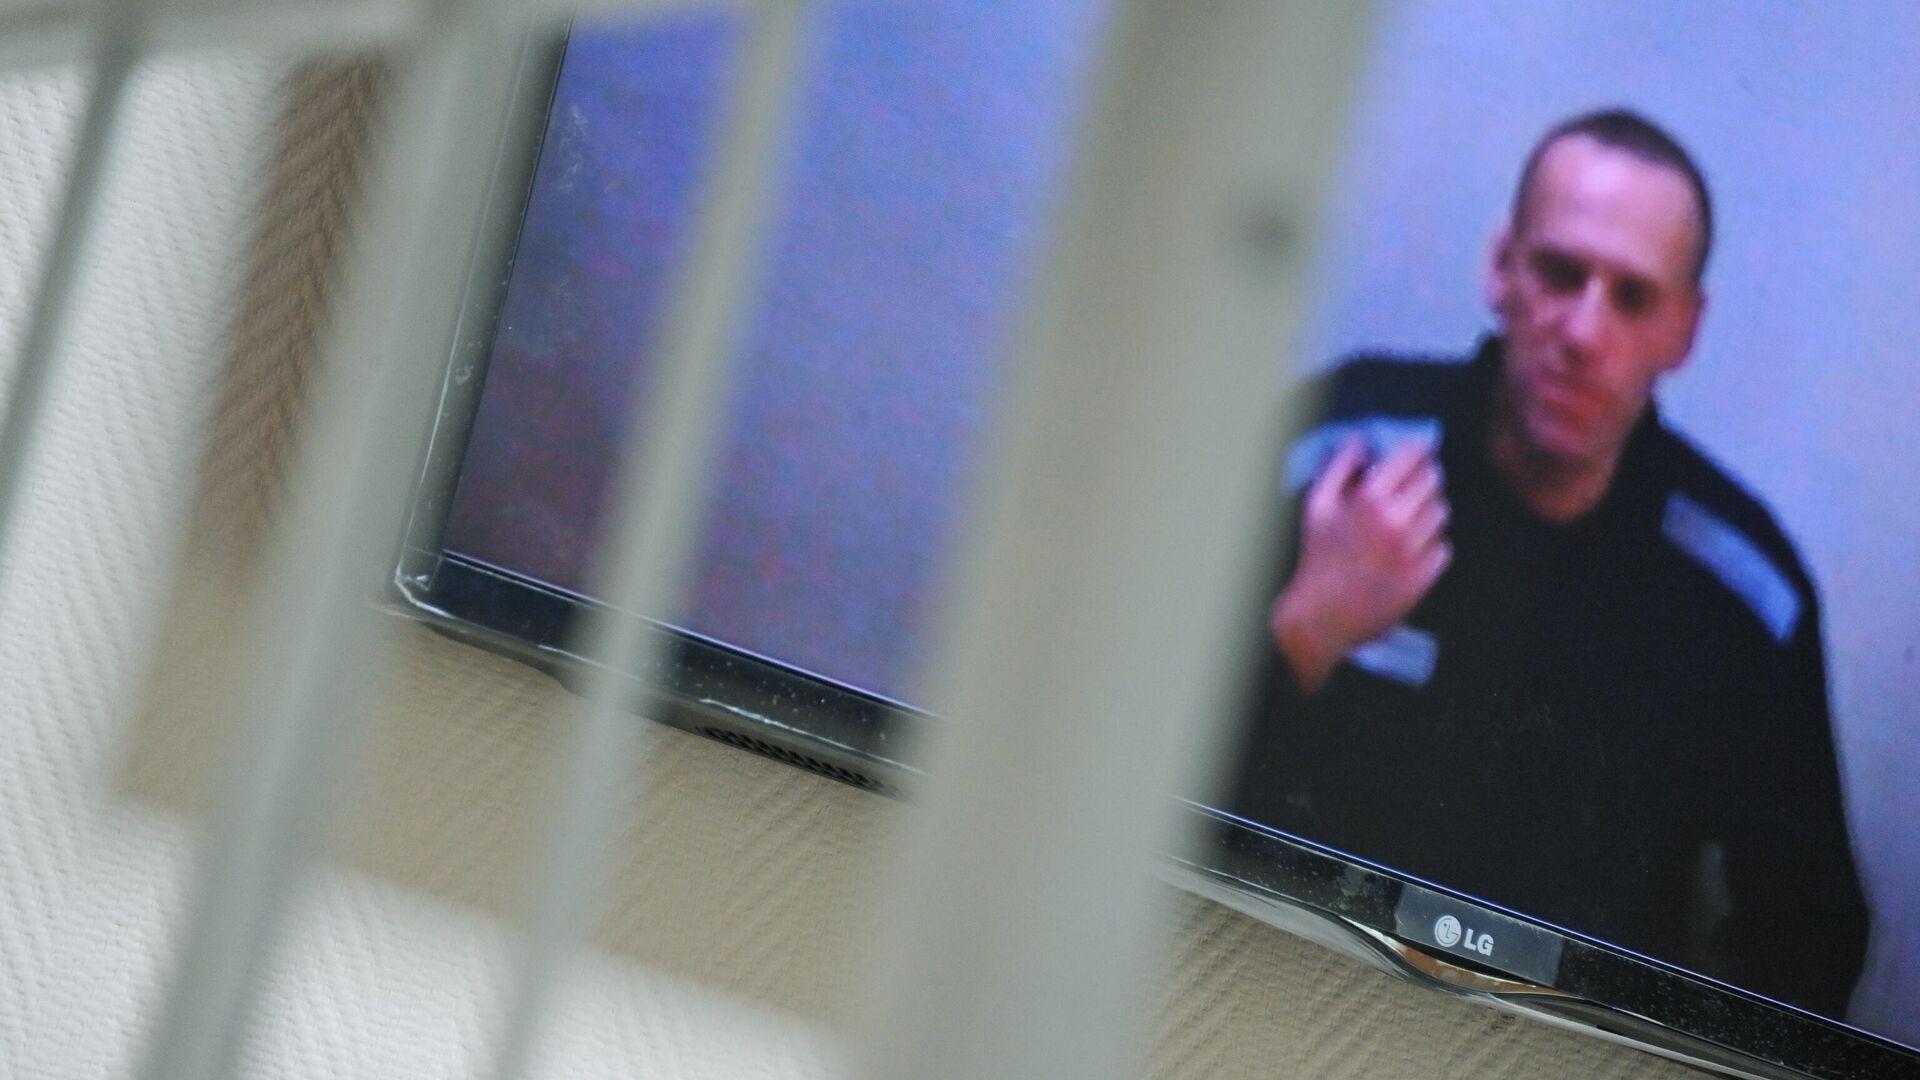 Алексей Навальный по видеосвязи участвует в заседании Петушинского районного суда Владимирской области - РИА Новости, 1920, 06.08.2021